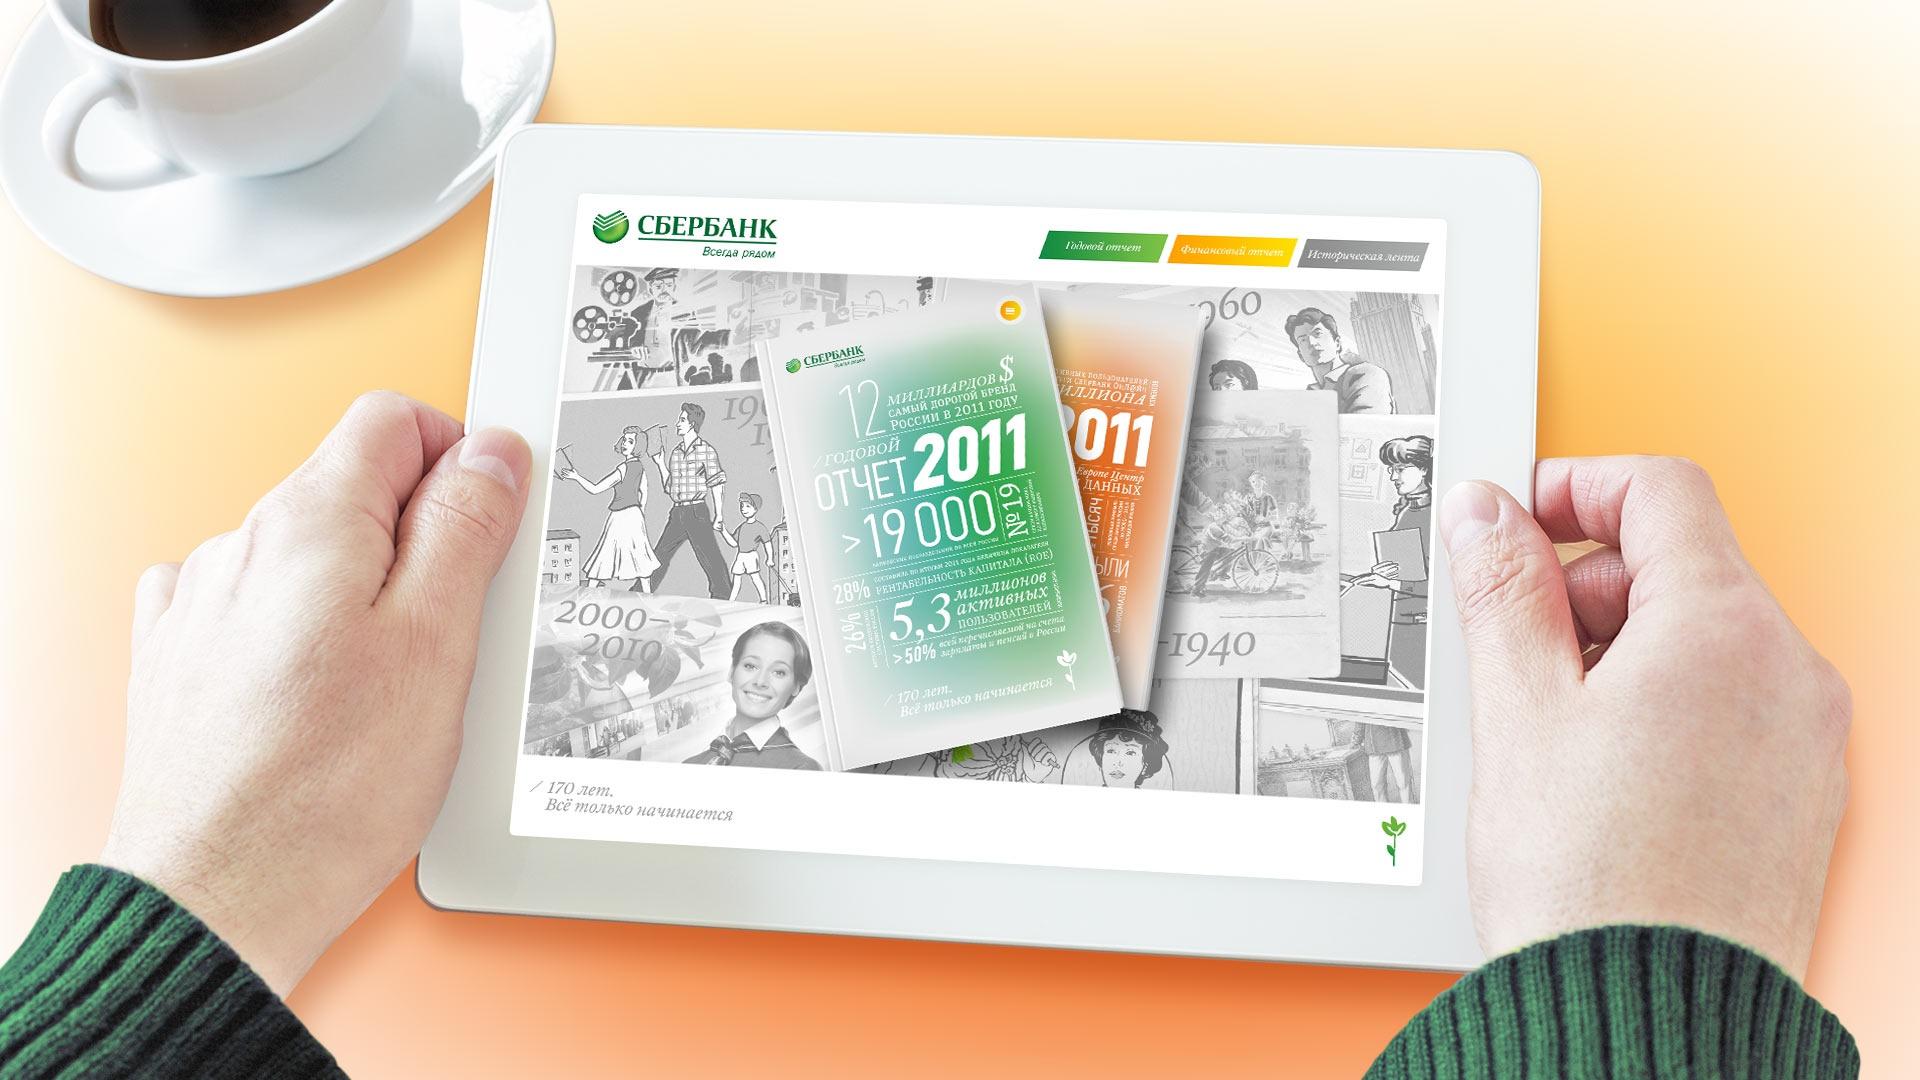 Сбербанк официальный сайт 15 фотография